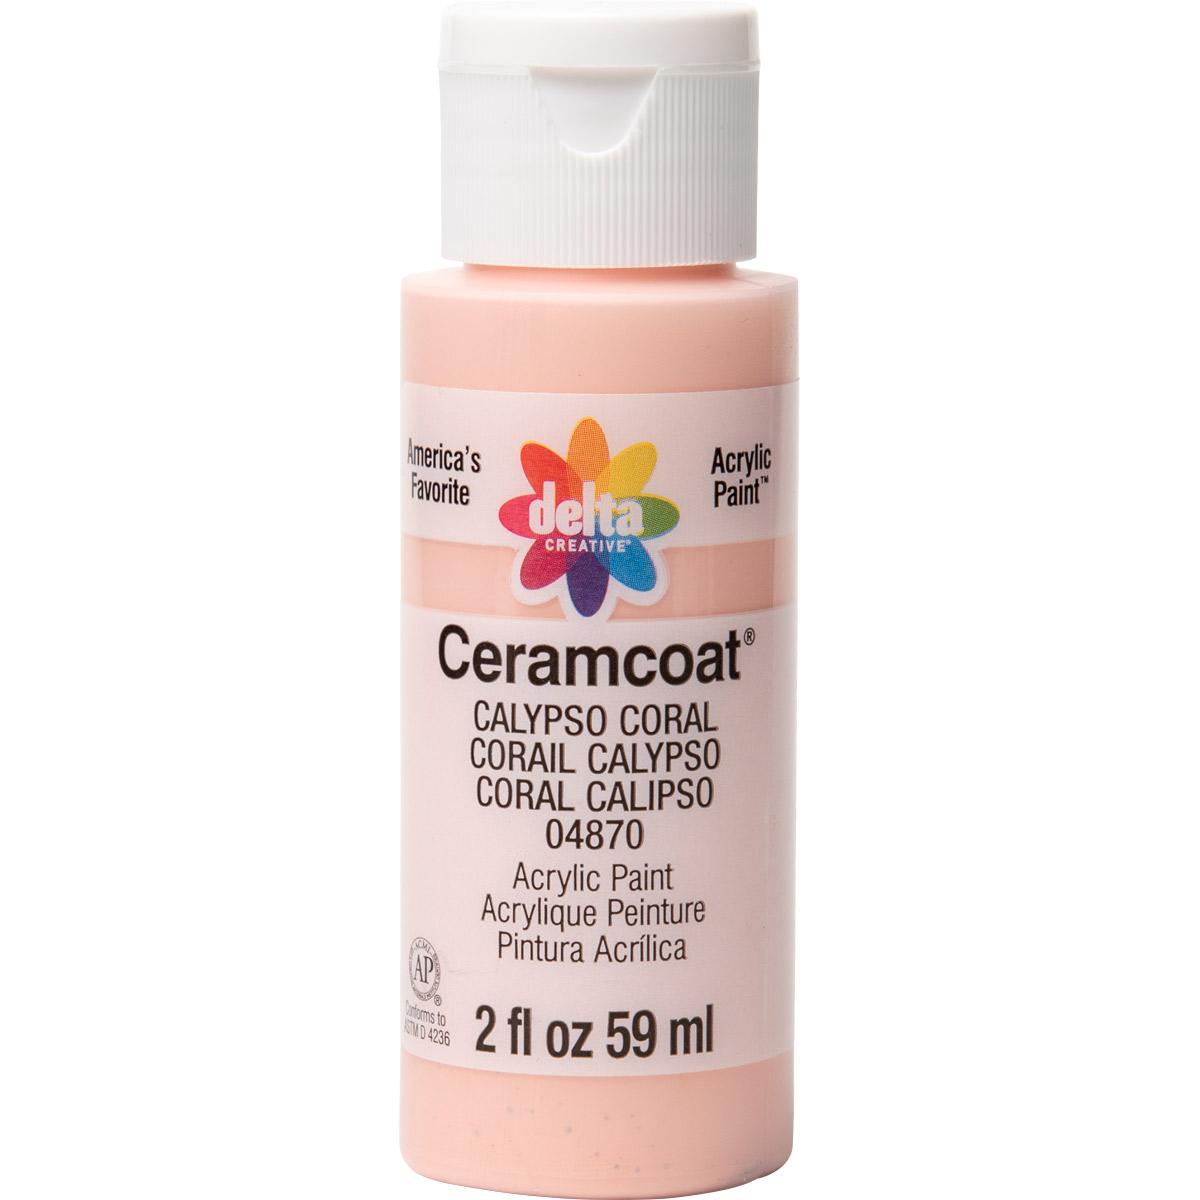 Delta Ceramcoat ® Acrylic Paint - Calypso Coral, 2 oz.